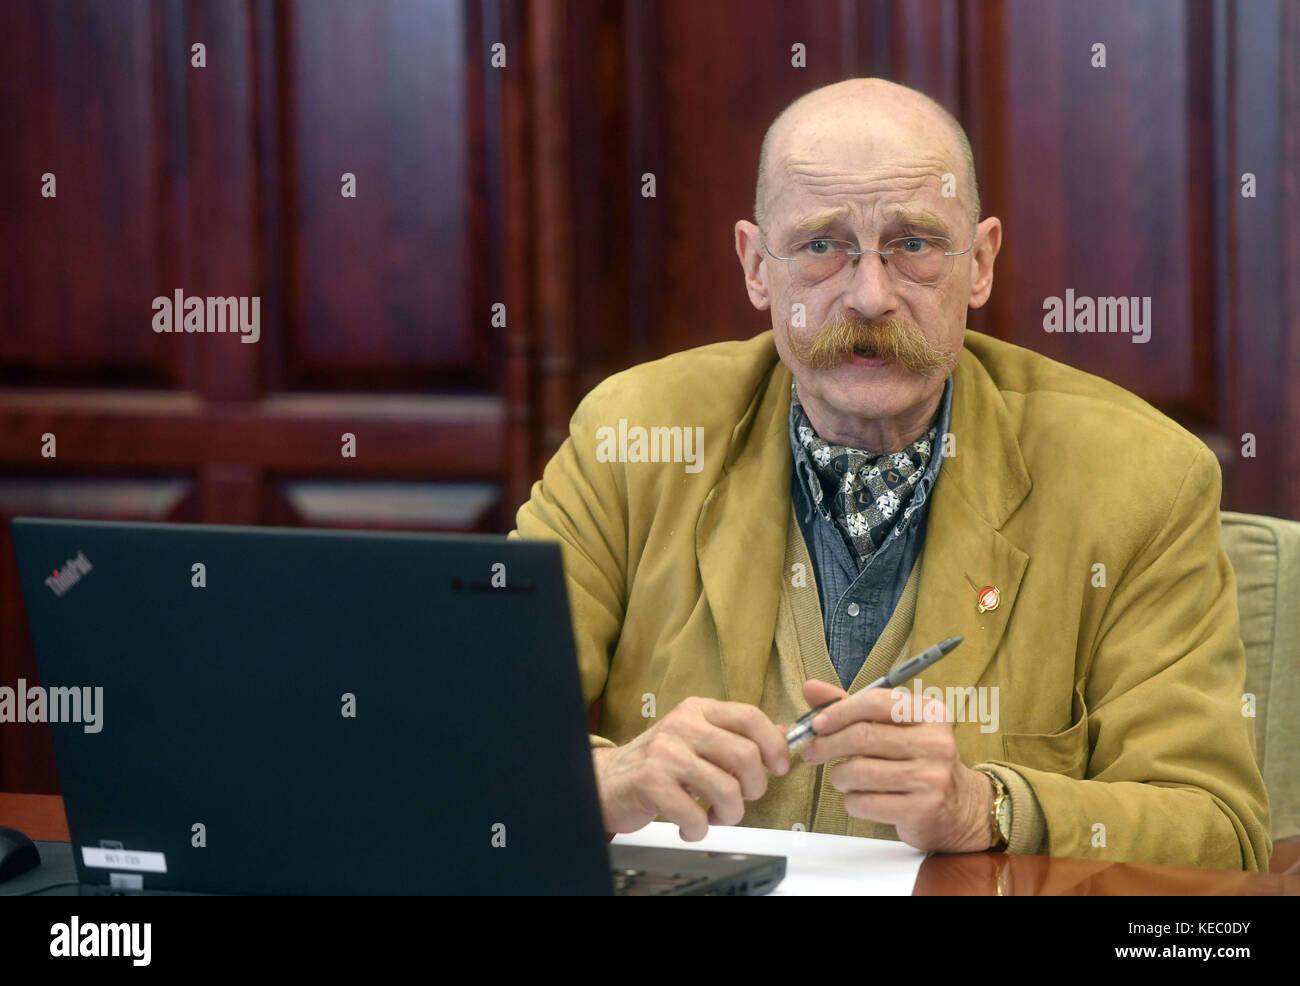 Beijing, Oct. 15. 18th Oct, 2017. Konrad Hartmut Luening is interviewed in Beijing, capital of China, Oct. 15, 2017. - Stock Image